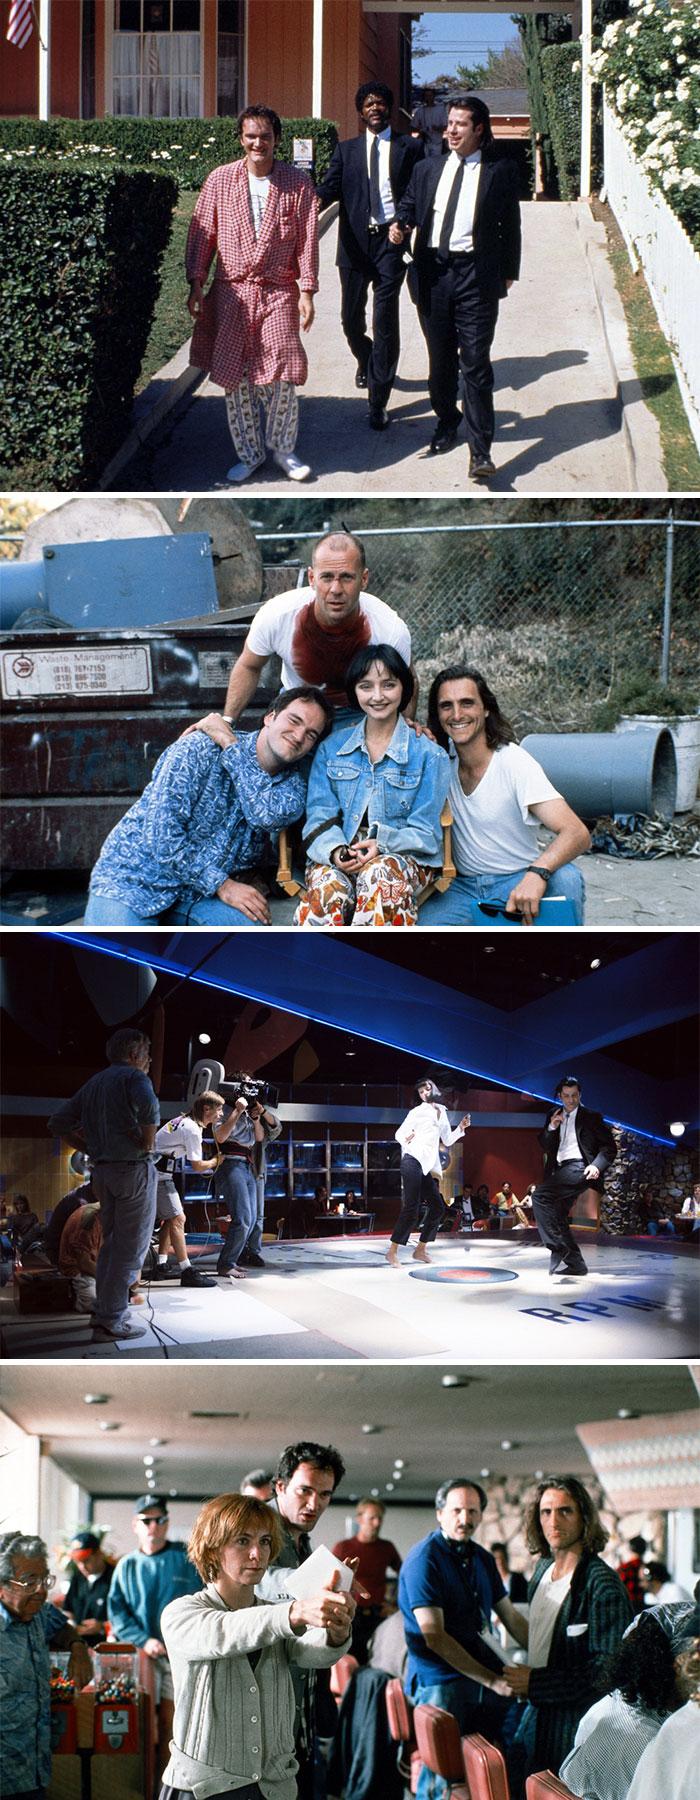 movies behind the scenes 129 5a69ec337c8dd  700 - Por trás das cenas: Foto dos bastidores de filmes que marcaram época